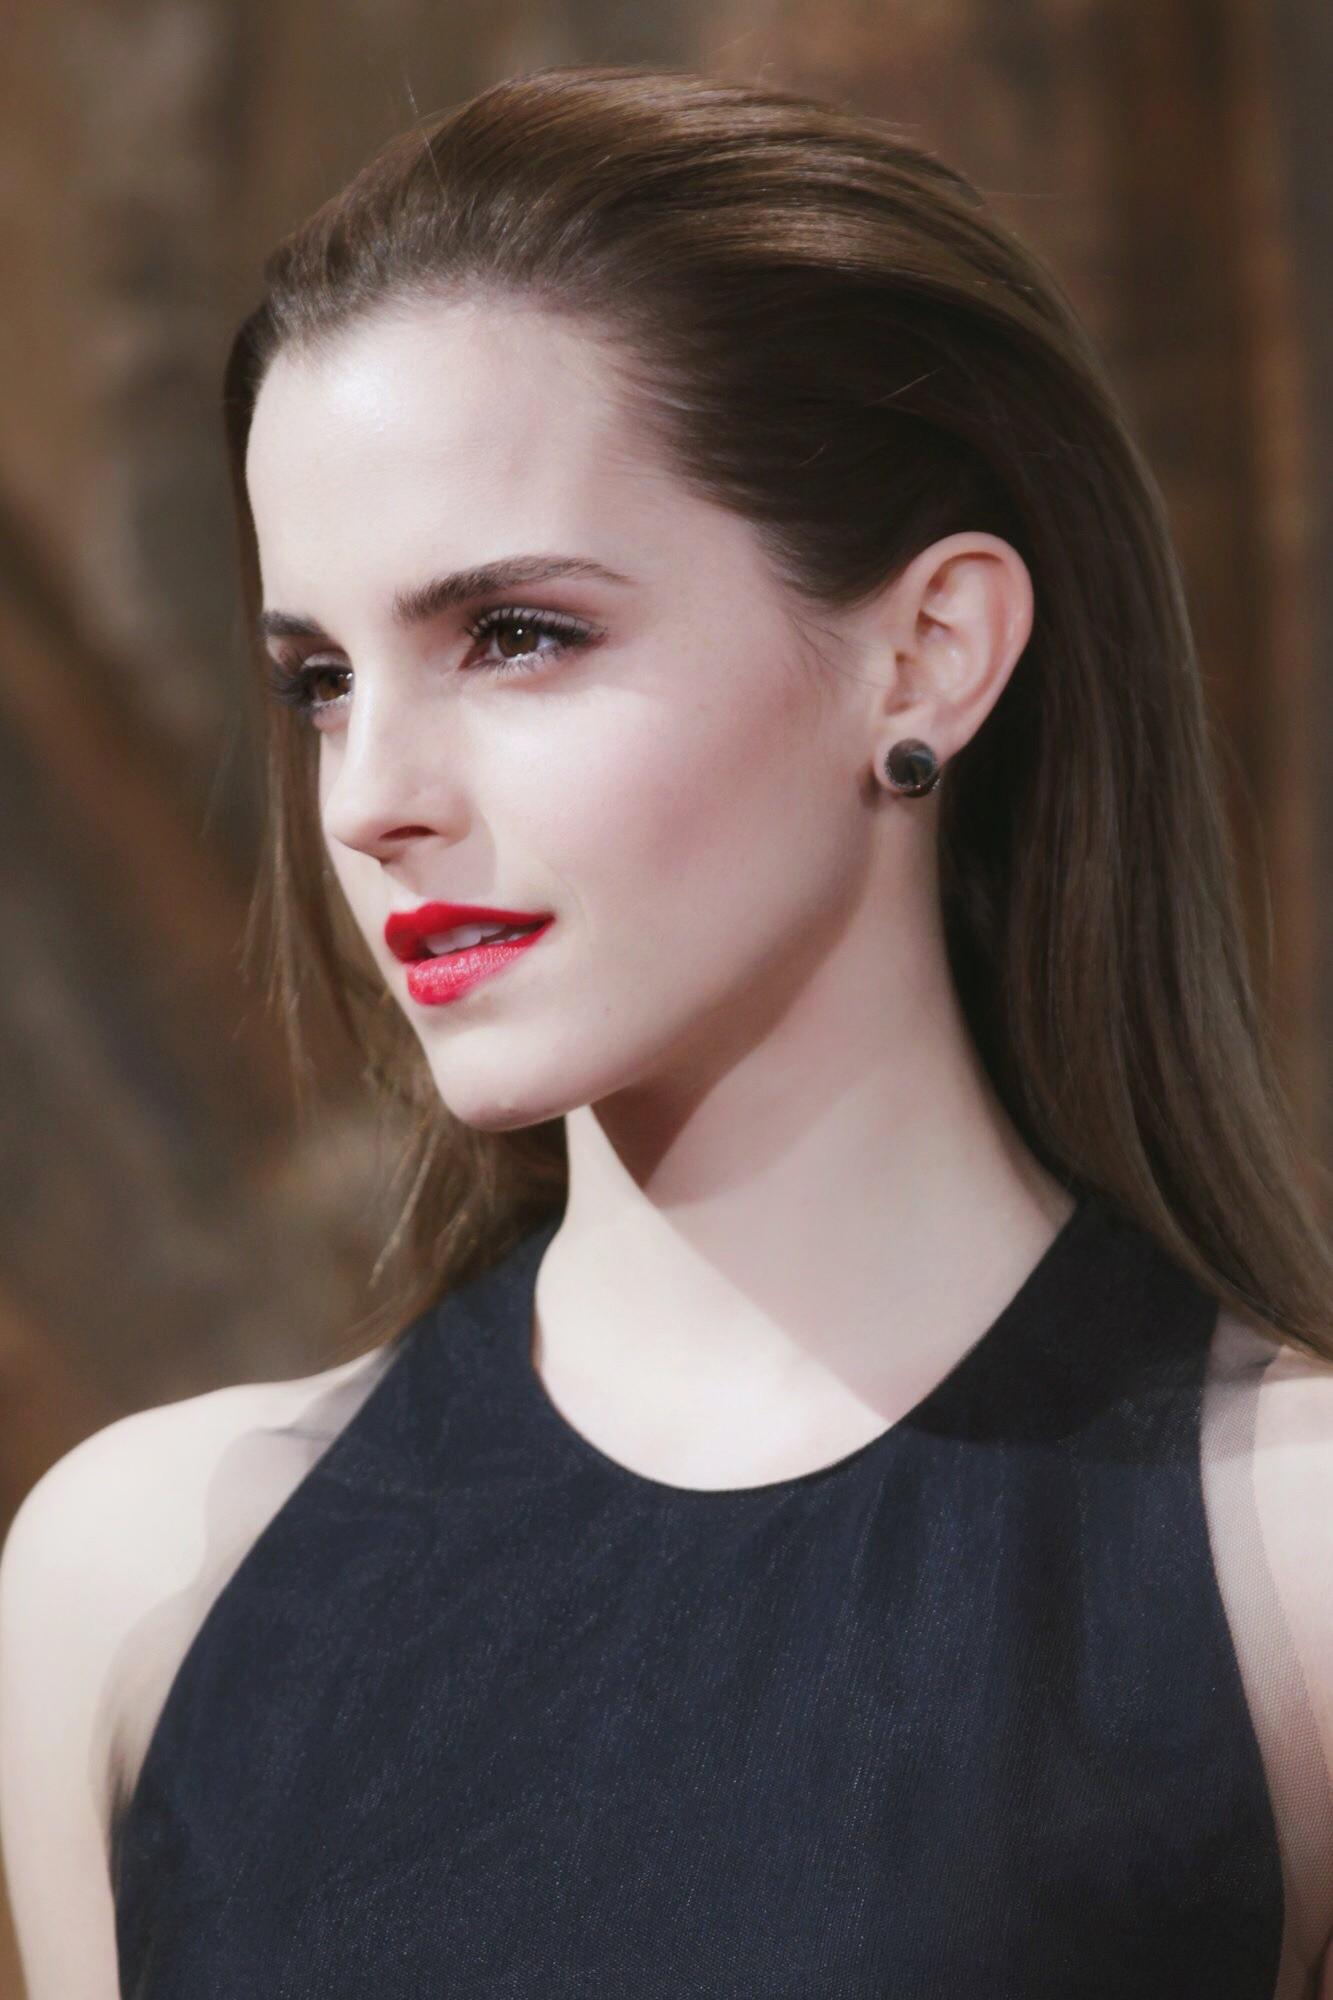 Hành trình tuột dốc nhan sắc của Emma Watson sau 18 năm: Ai ngờ Bông hoa đẹp nhất nước Anh lại chóng tàn đến vậy - Ảnh 7.